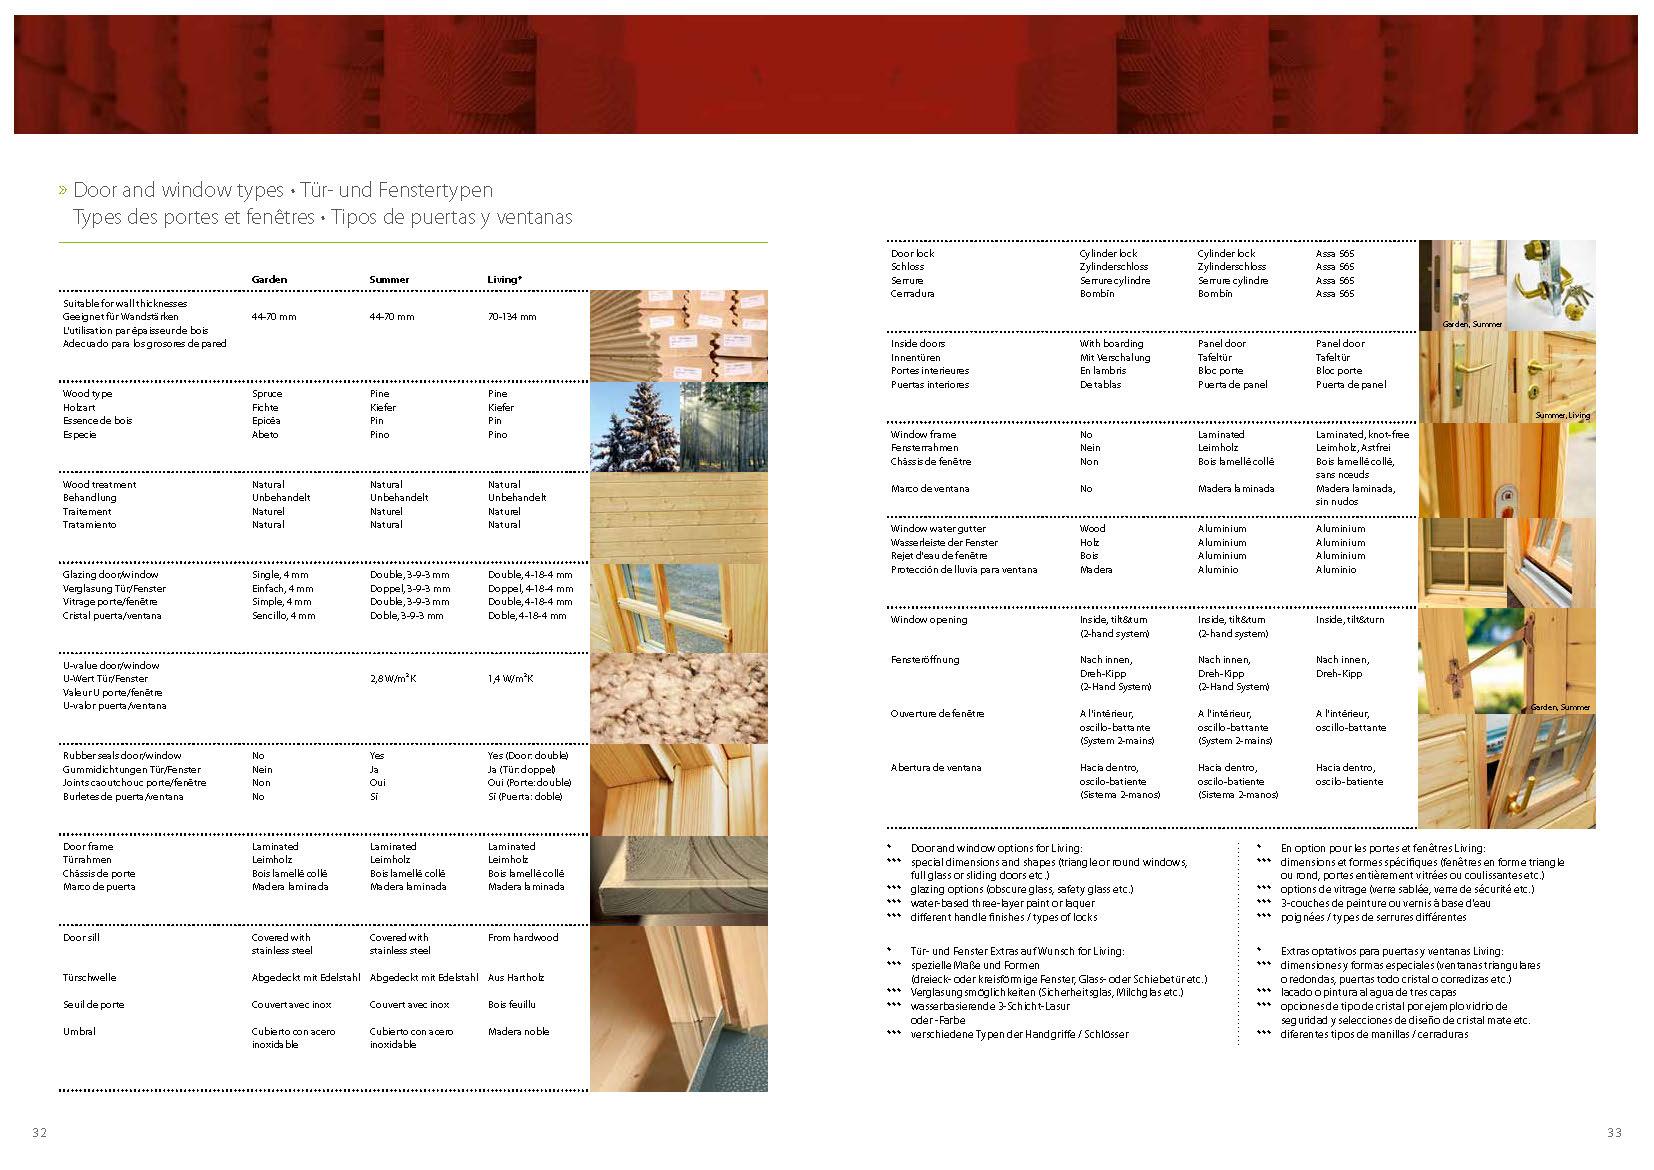 chalet sauna lamellé collé complete partie 2_Page_7